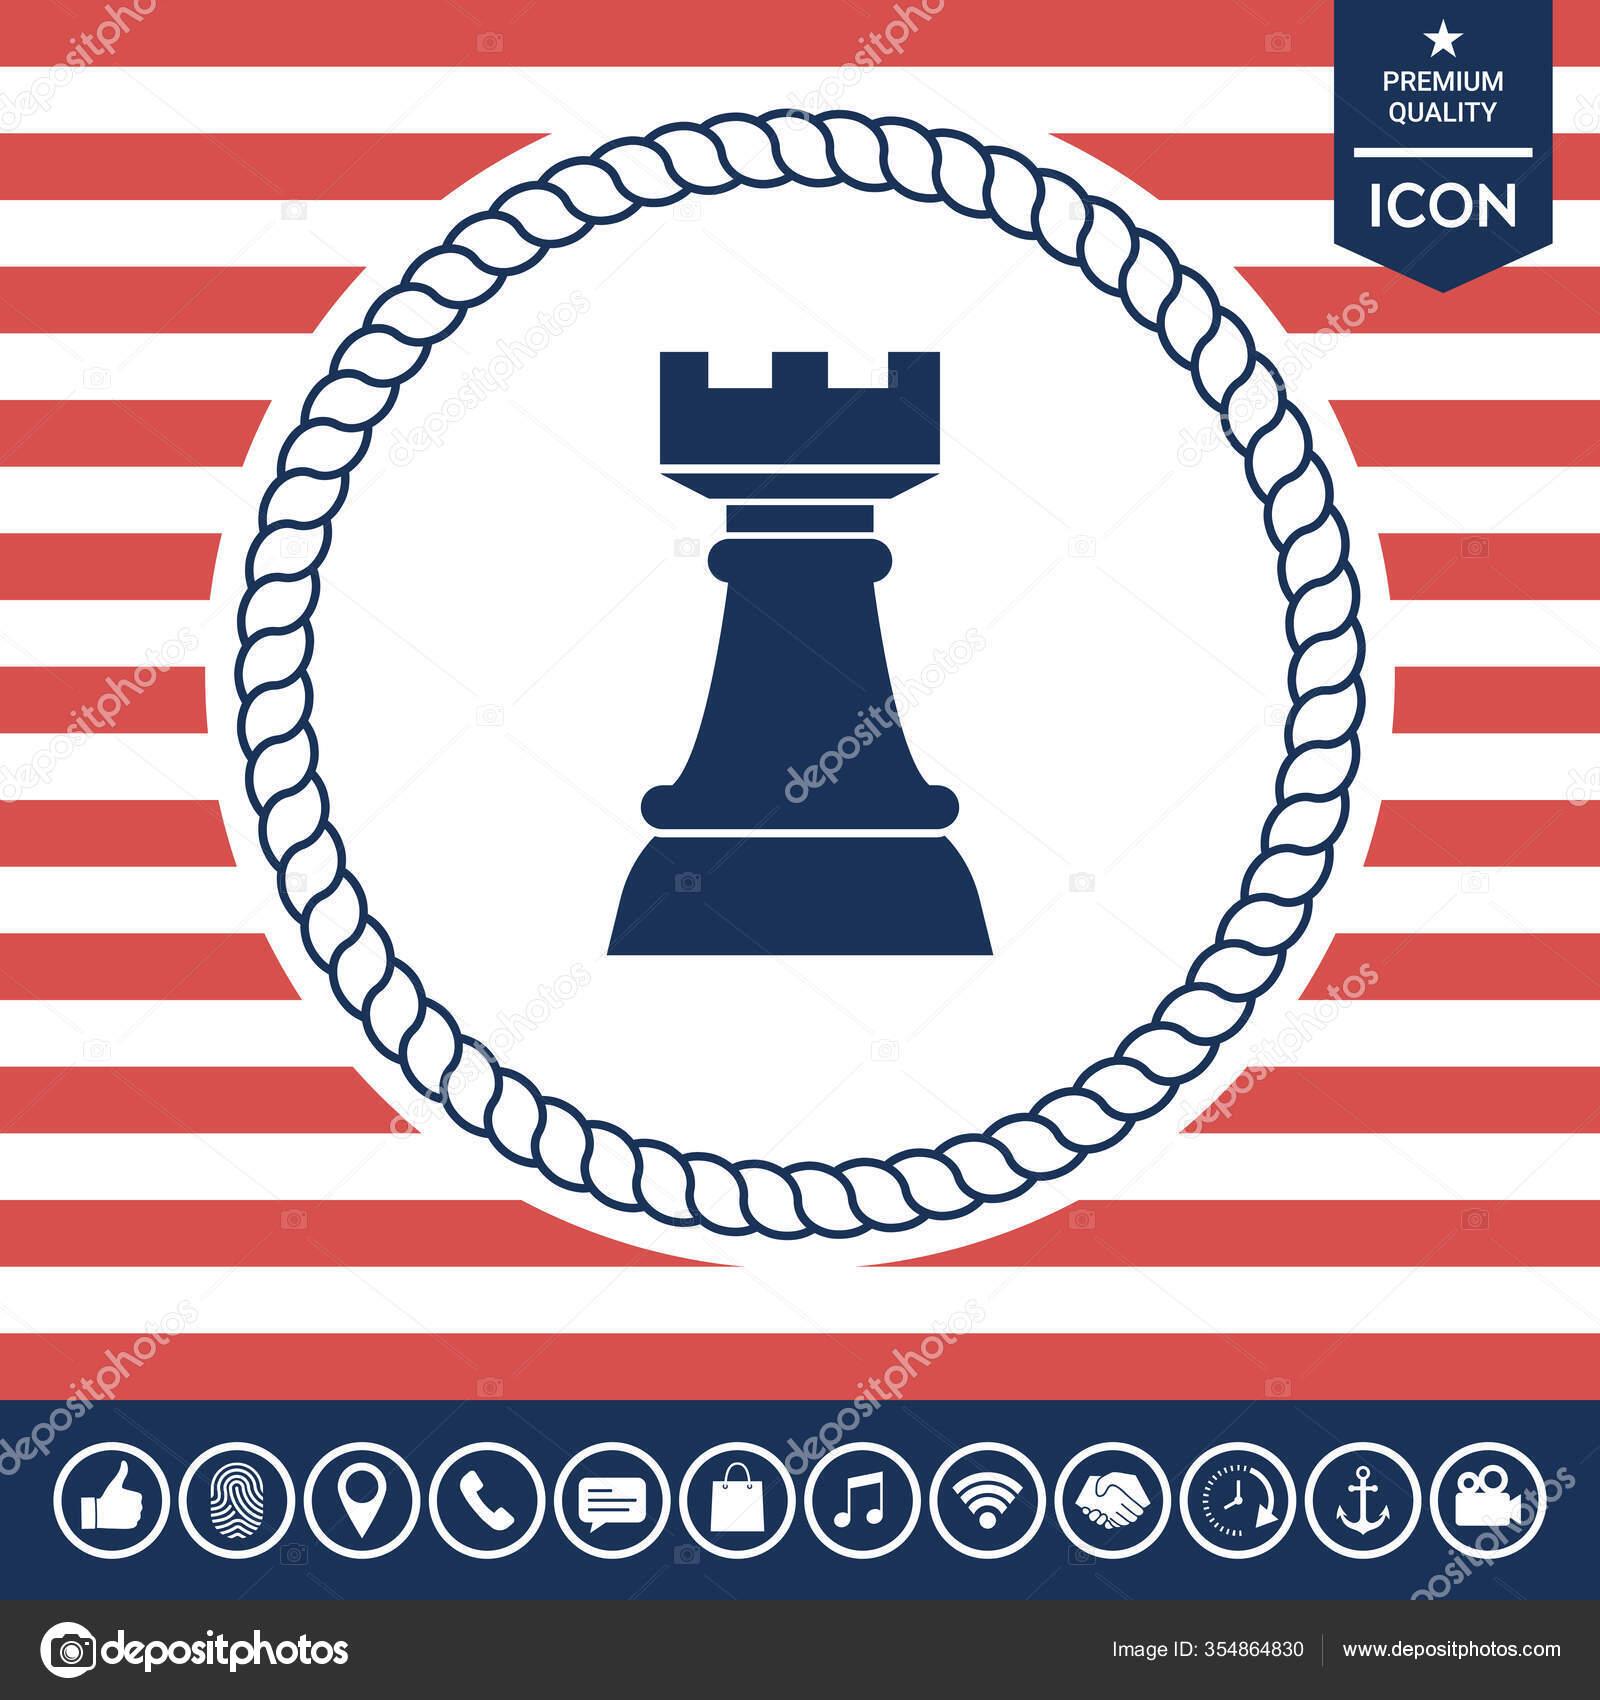 картинка шахматы без ладьи в чем прикол выкладываем фотографии только